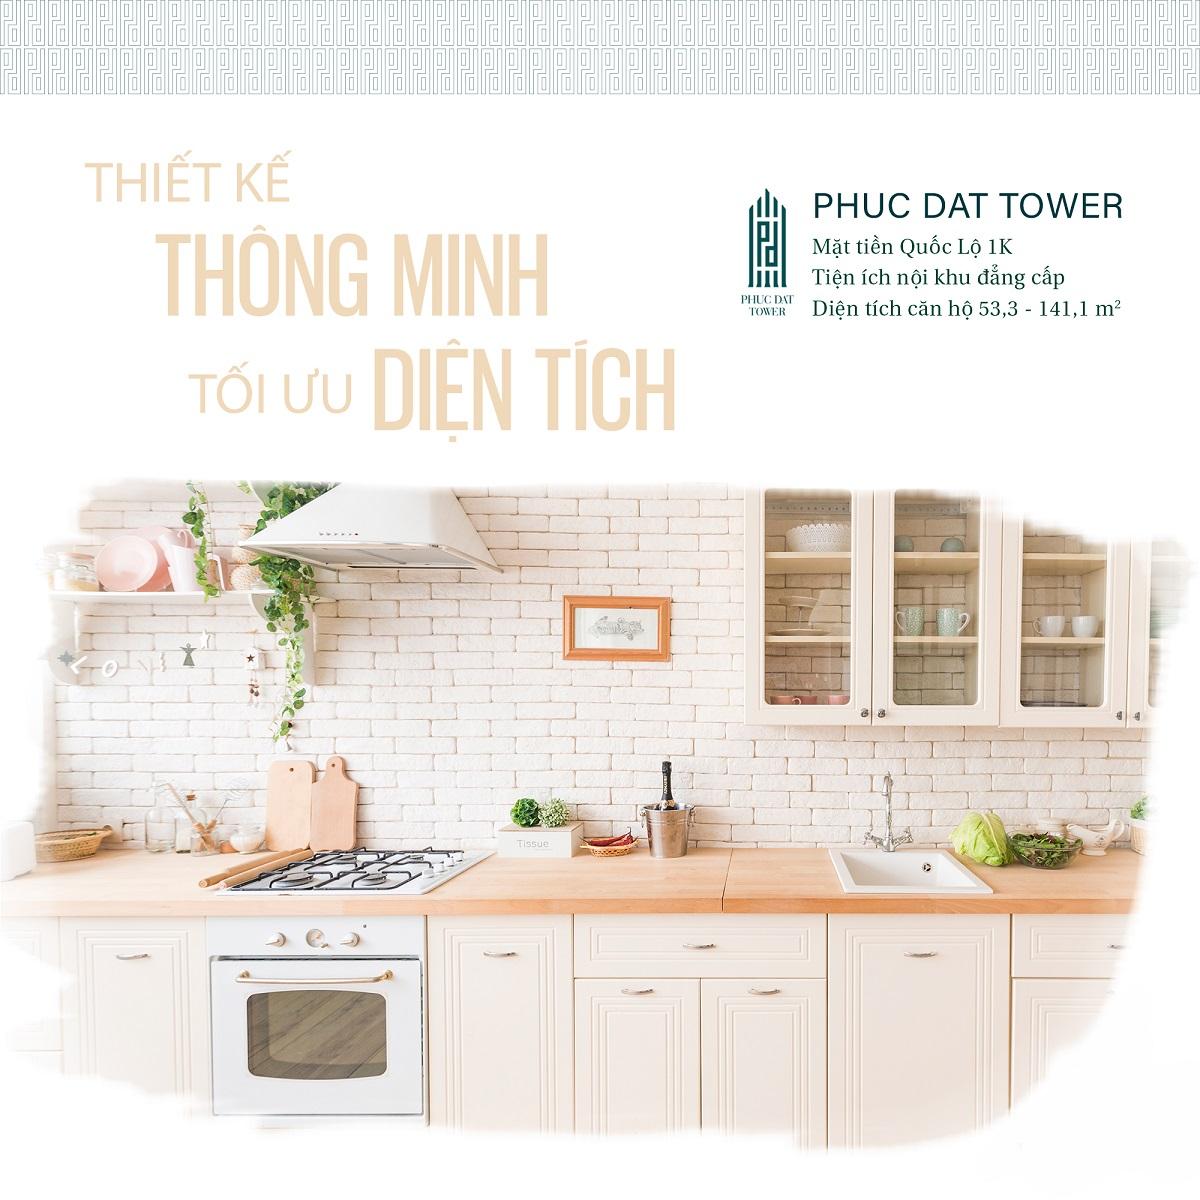 thiet-ke-can-ho-phuc-dat-tower-binh-duong